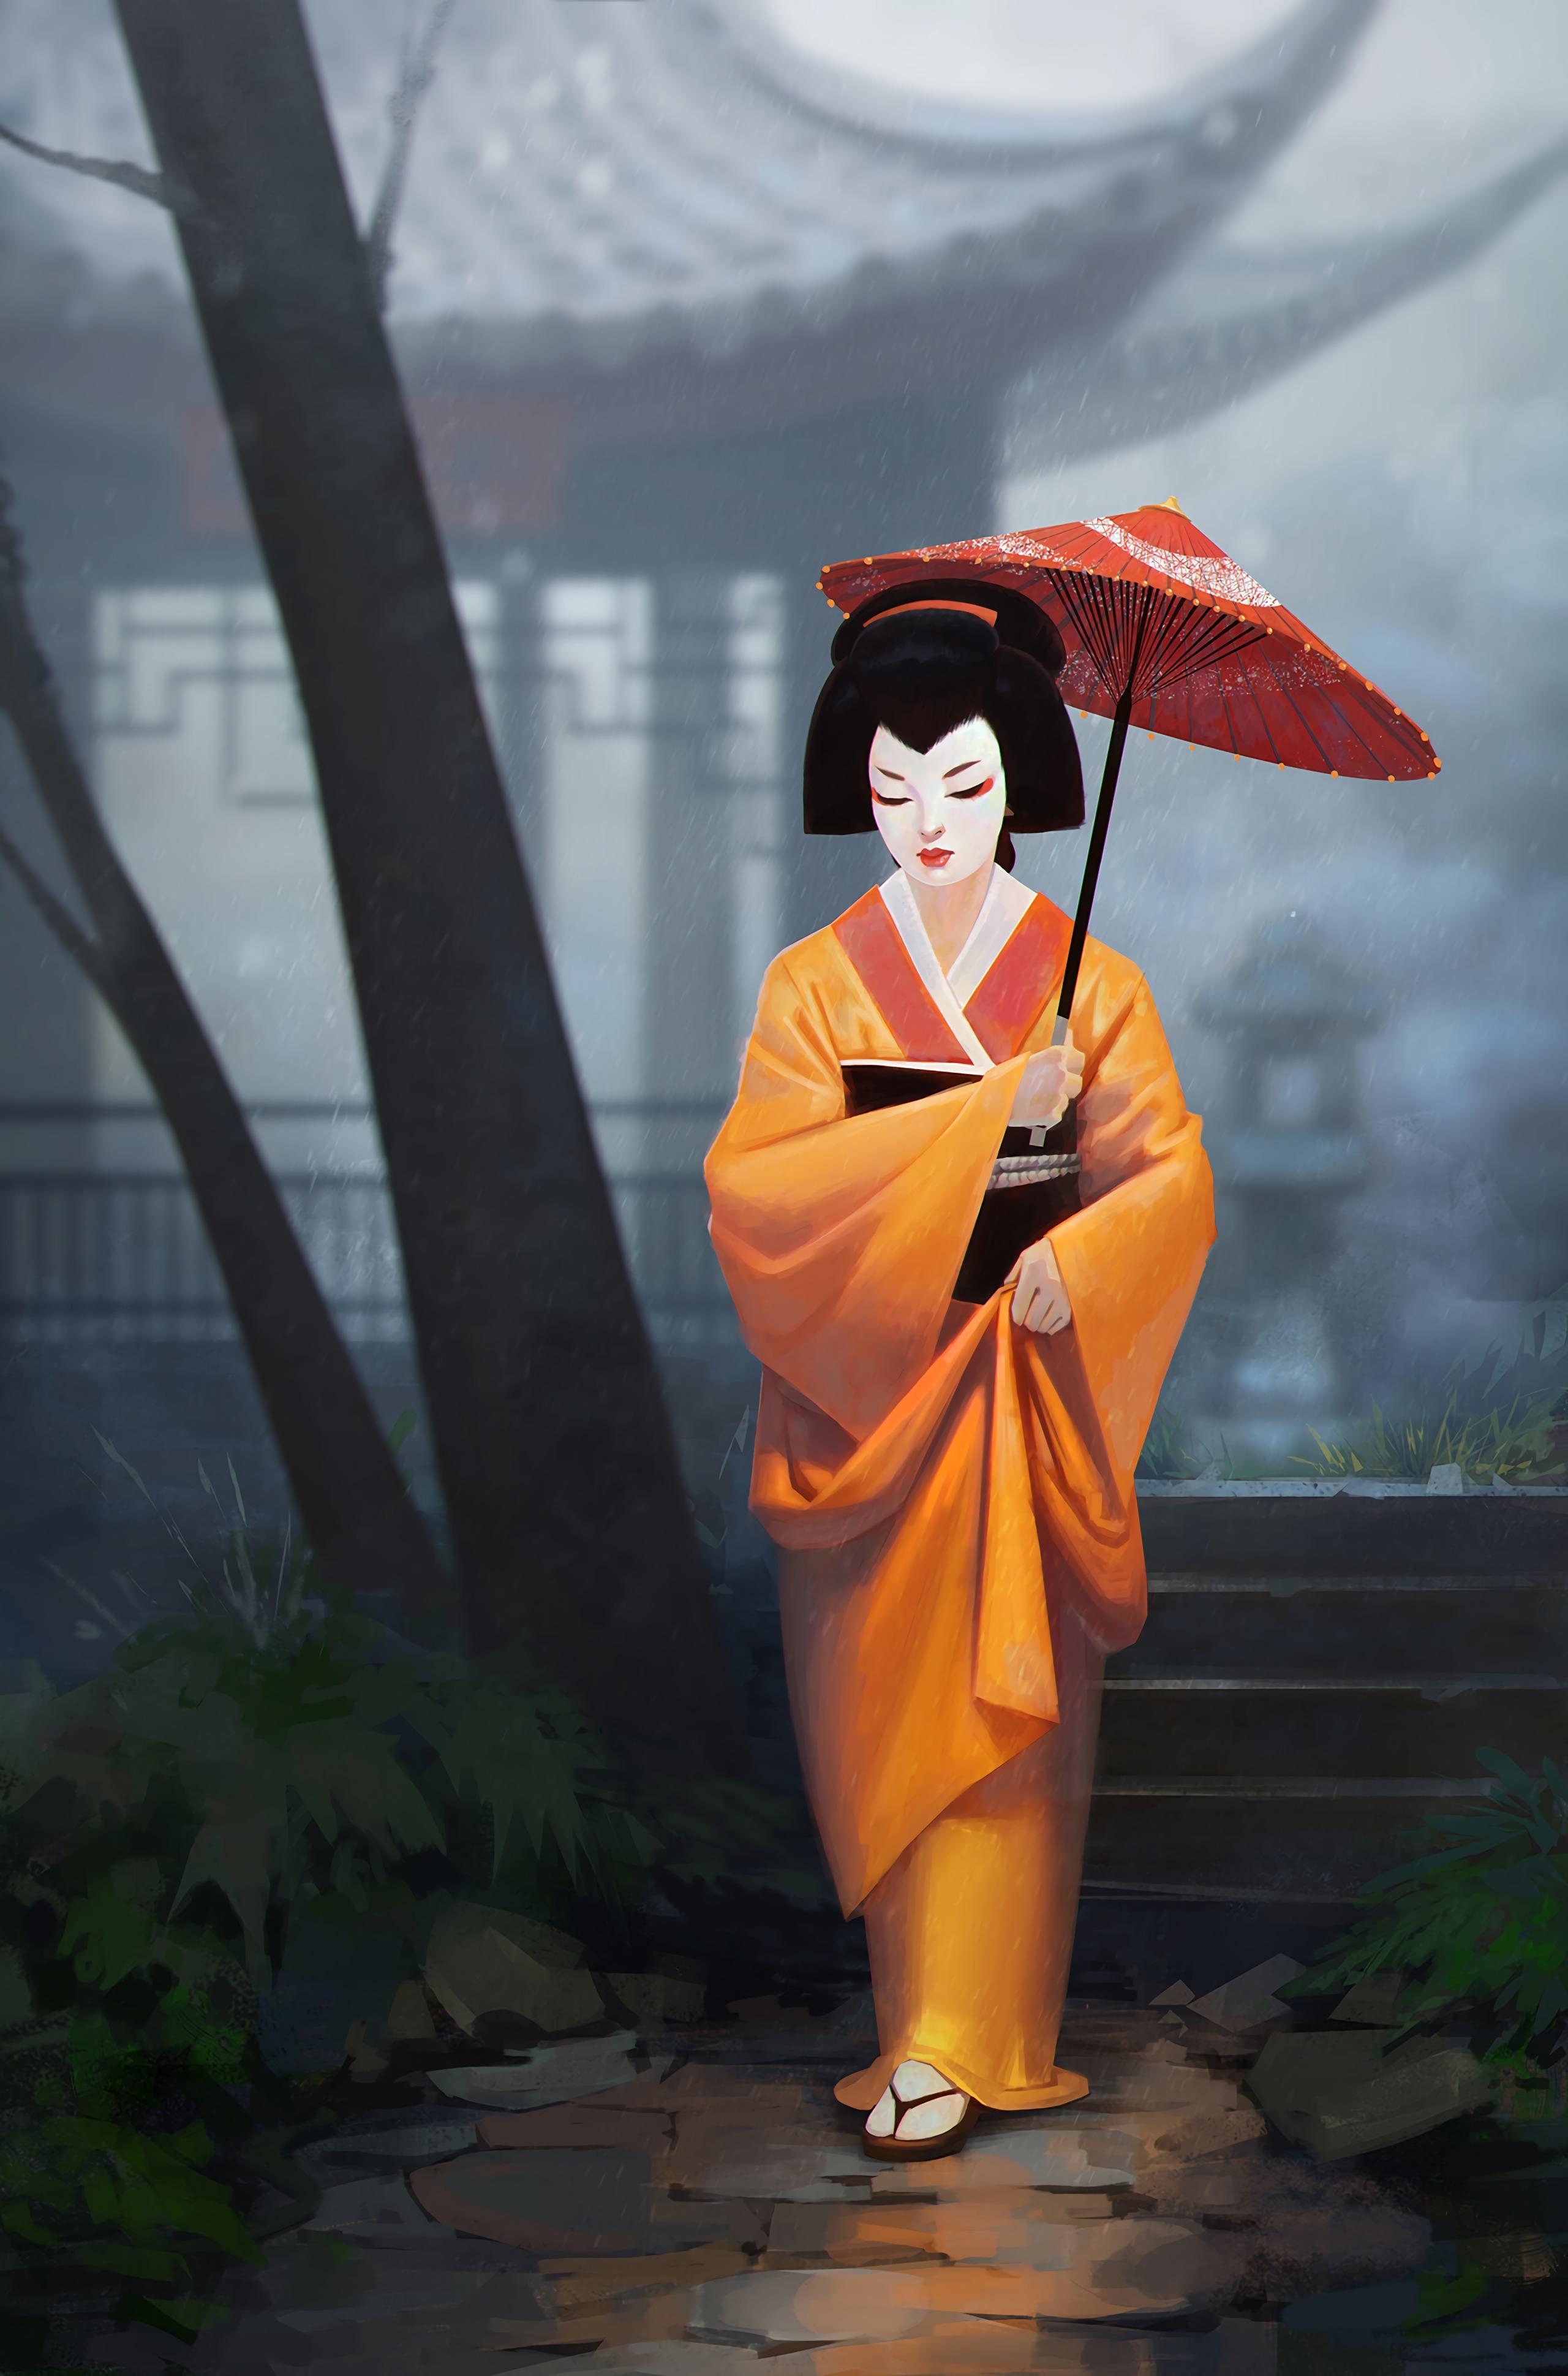 156201 fond d'écran 720x1560 sur votre téléphone gratuitement, téléchargez des images Kimono, Art, Fille, Parapluie, Geisha 720x1560 sur votre mobile